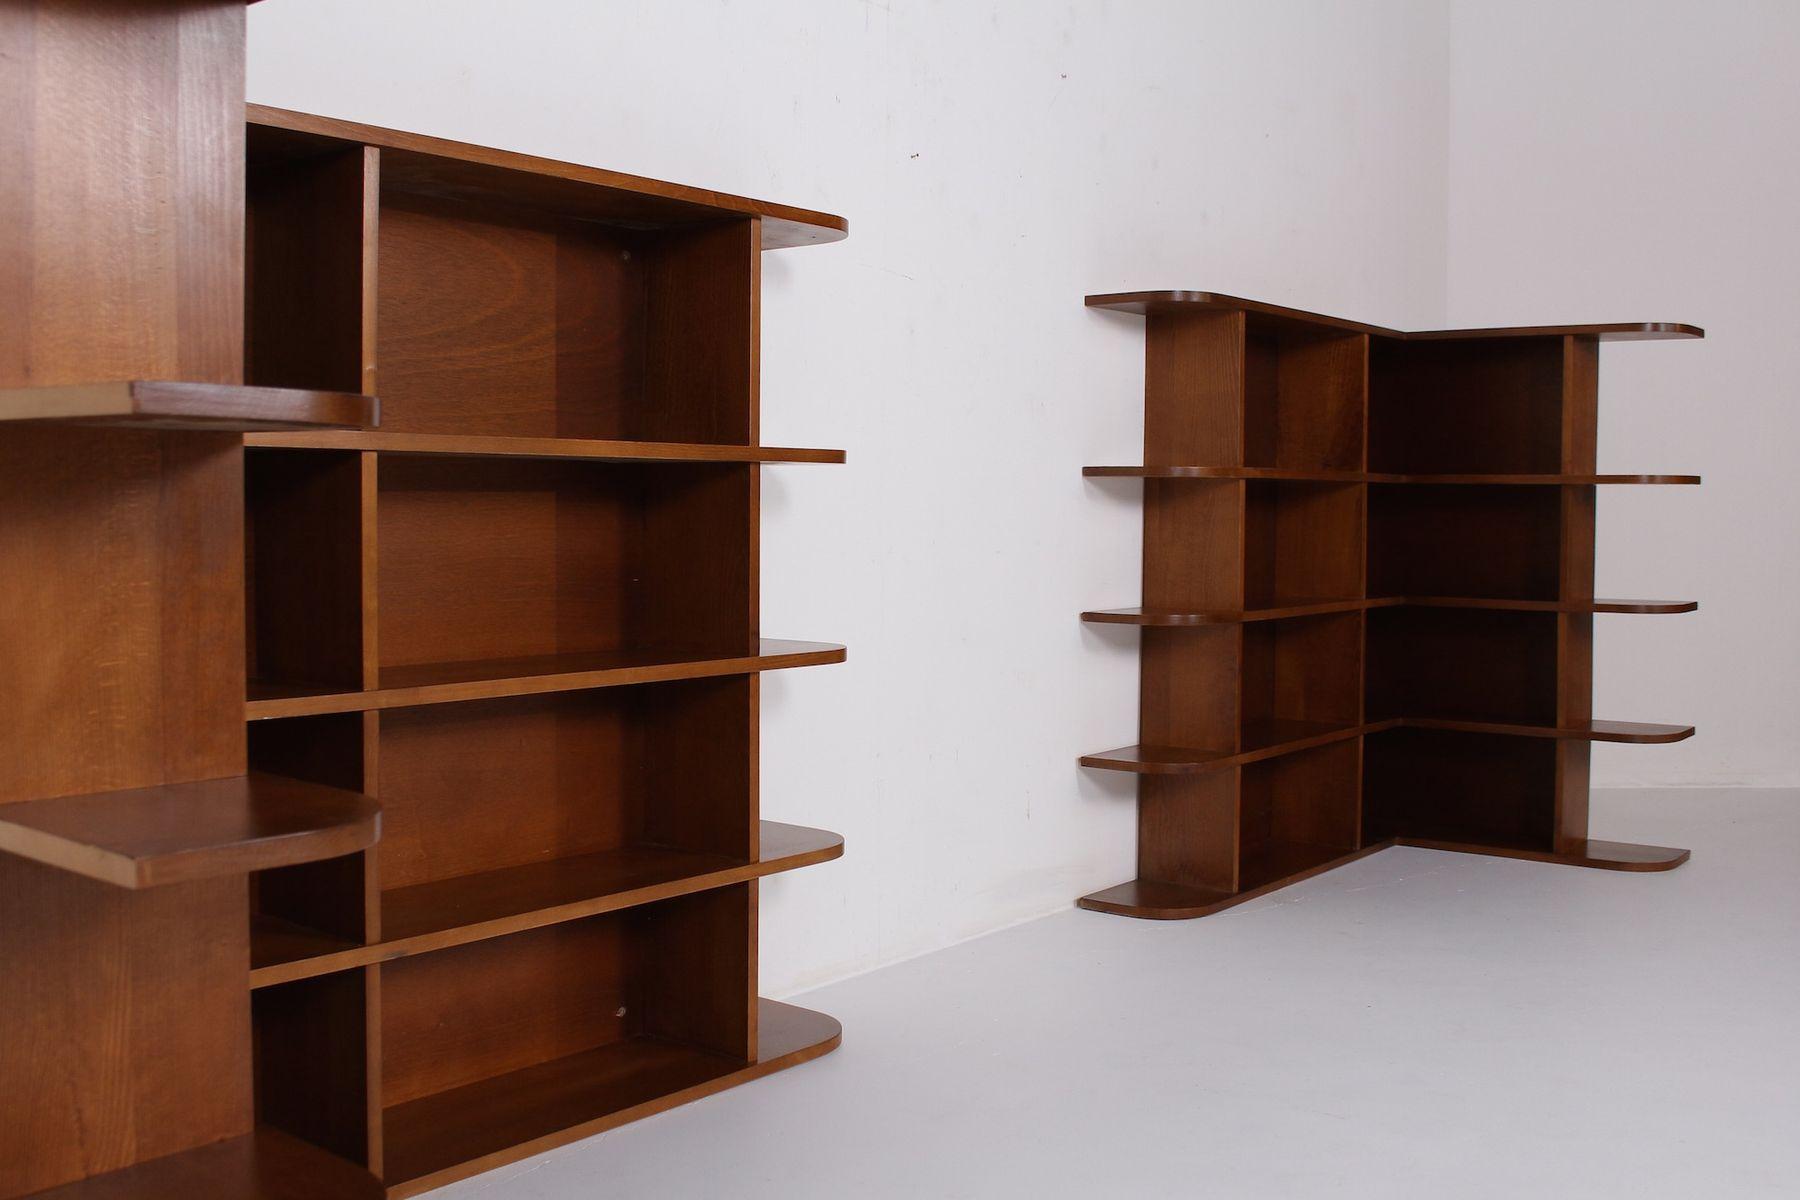 Librerie ad angolo moderniste, anni \'50, set di 2 in vendita su Pamono